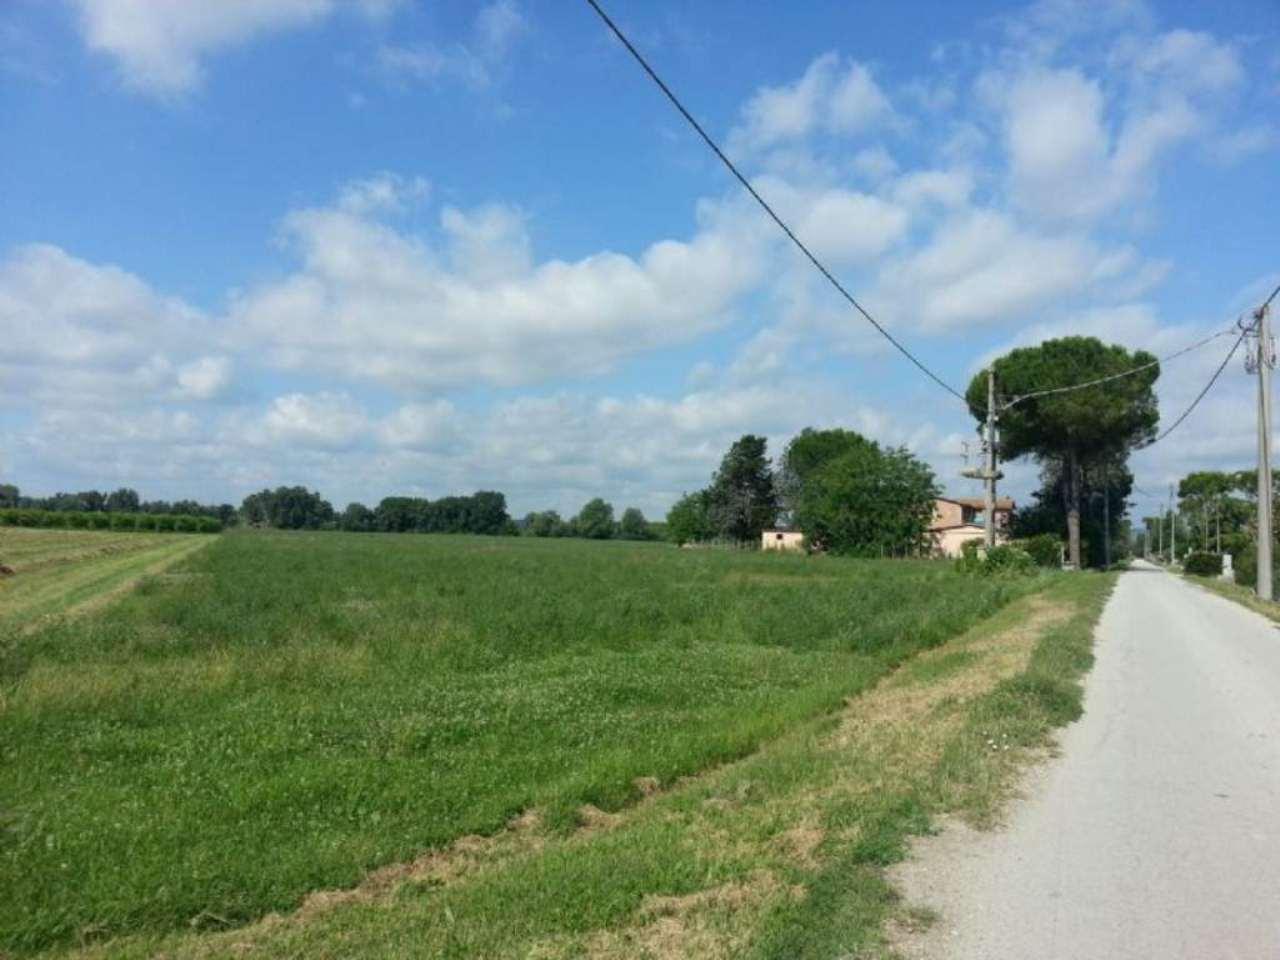 Terreno Agricolo in vendita a Montelibretti, 10 locali, prezzo € 1.190.000 | Cambio Casa.it